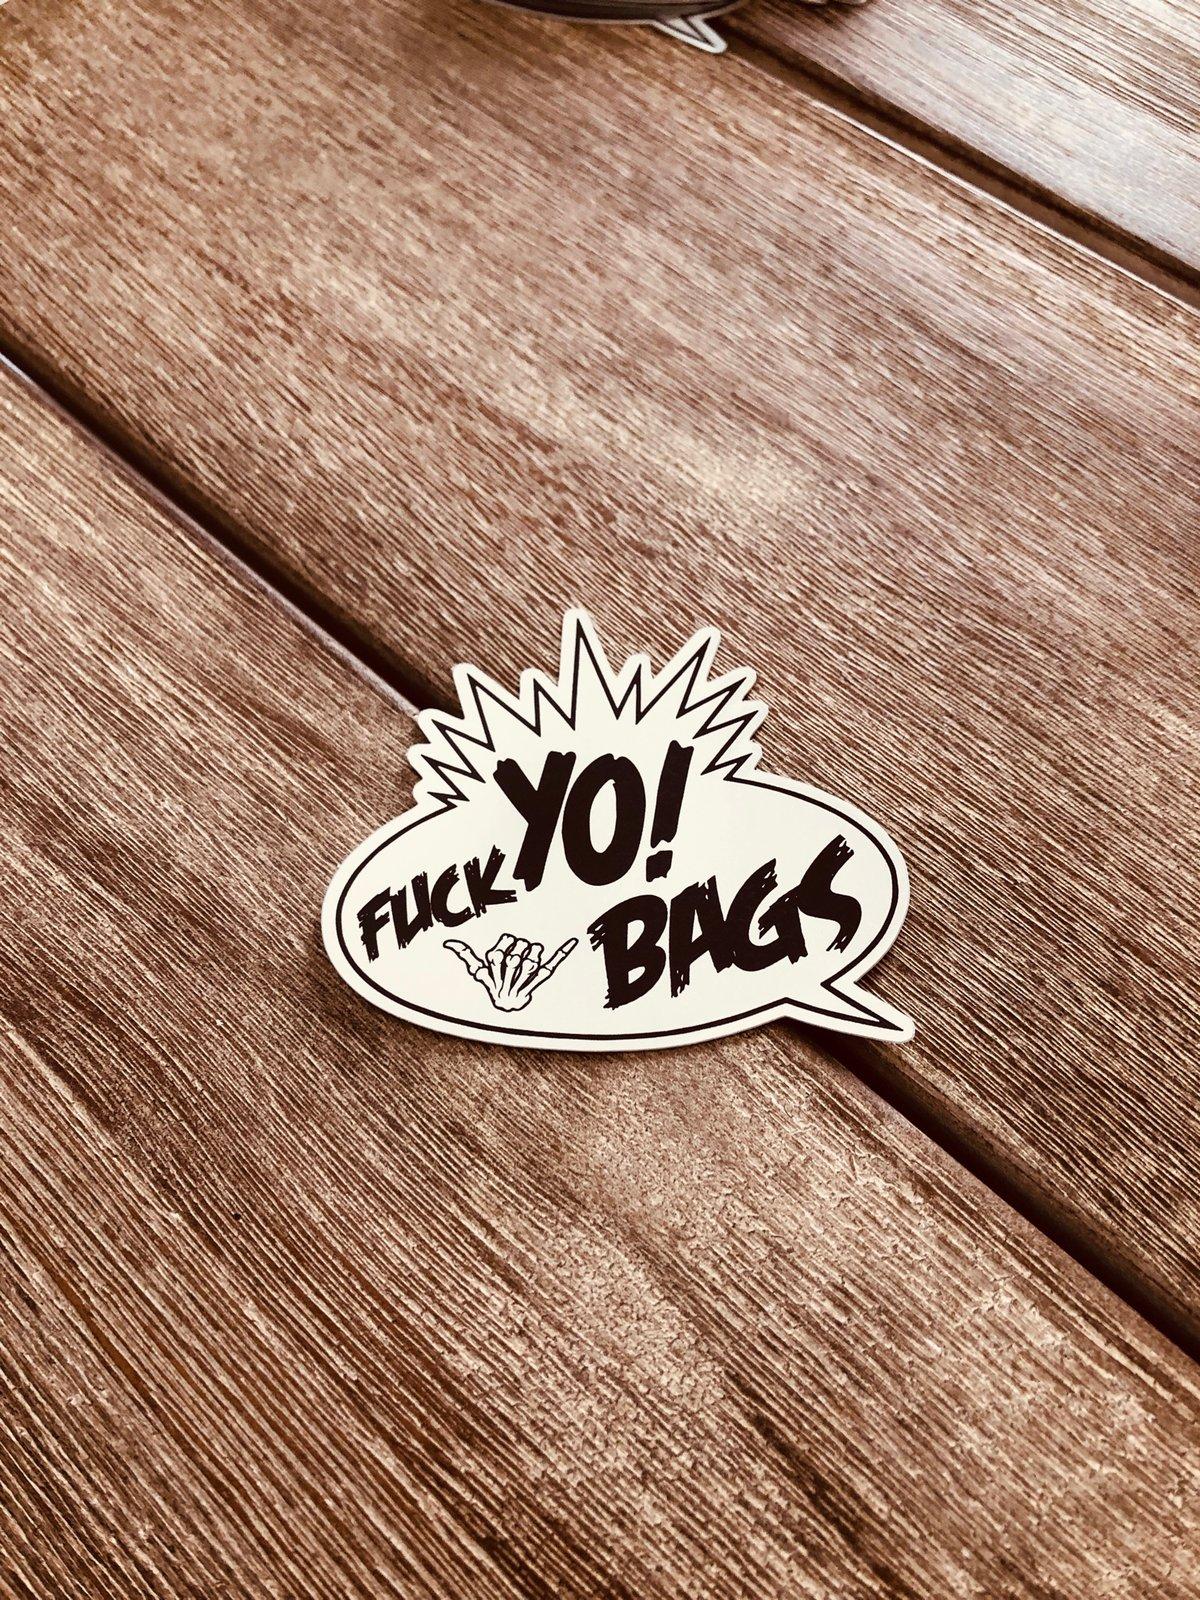 Fuck Yo Bags sticker